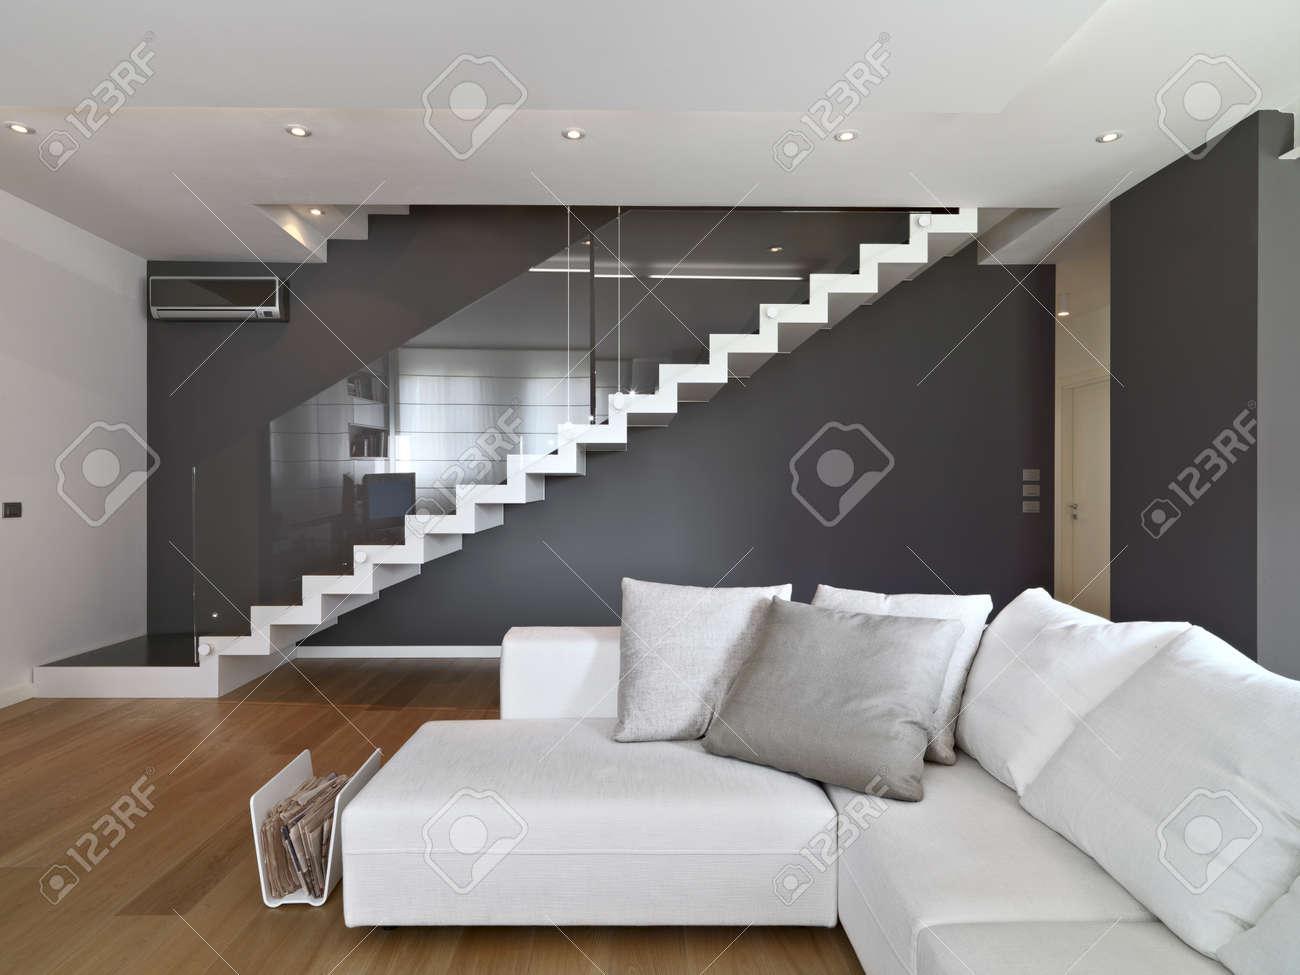 Canapé Tissu Dans Le Salon Moderne Avec Escalier Et Plancher En ...